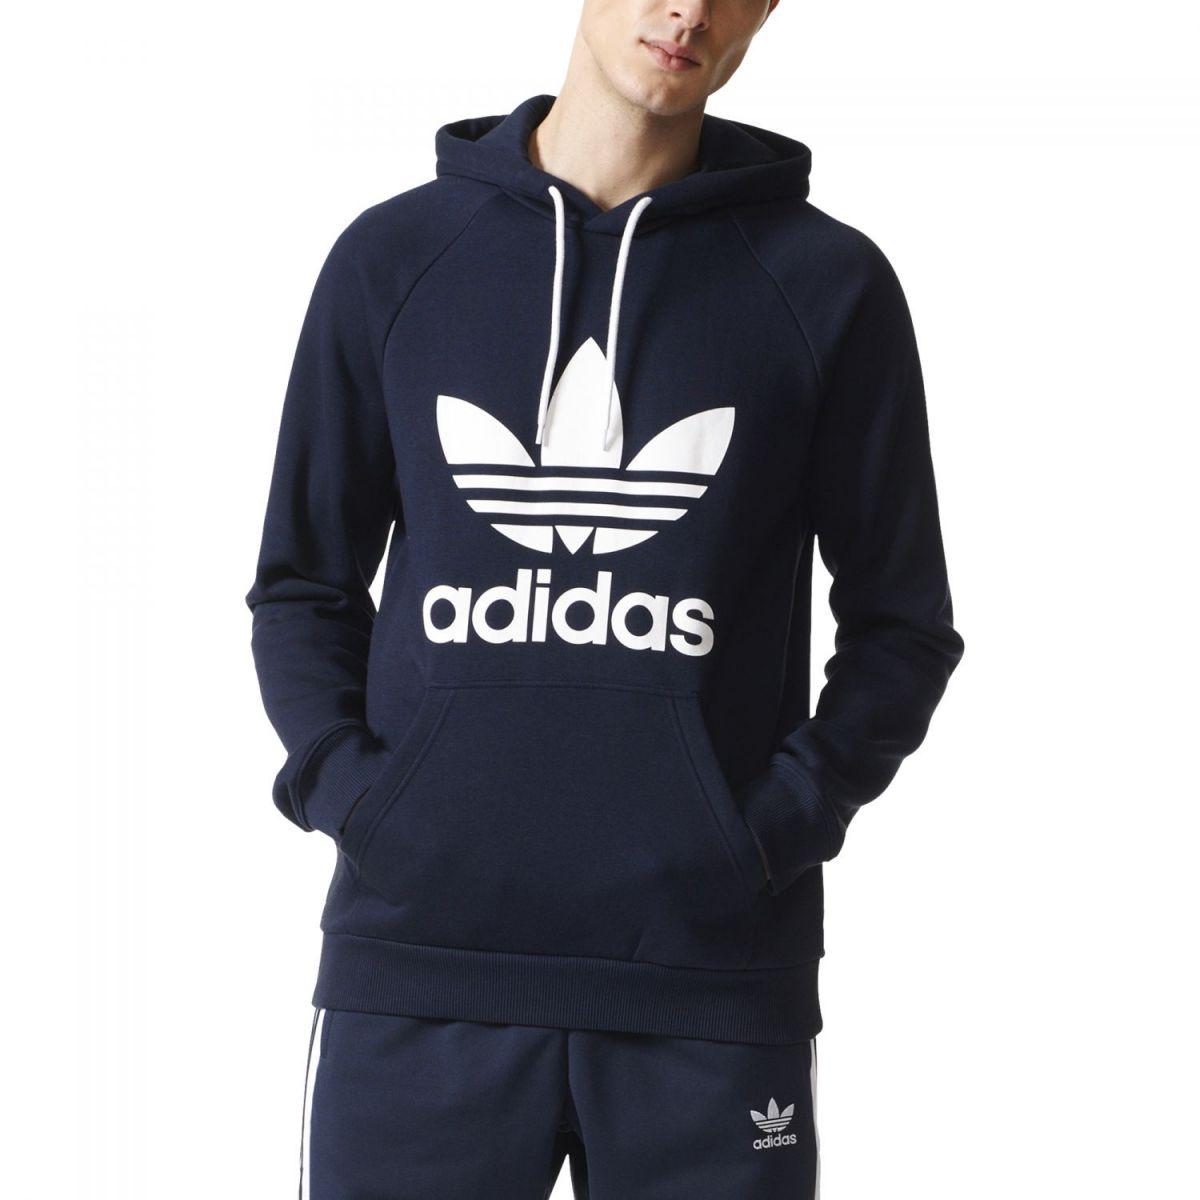 adidas originals trefoil hoodie br4849 sport klingenmaier. Black Bedroom Furniture Sets. Home Design Ideas